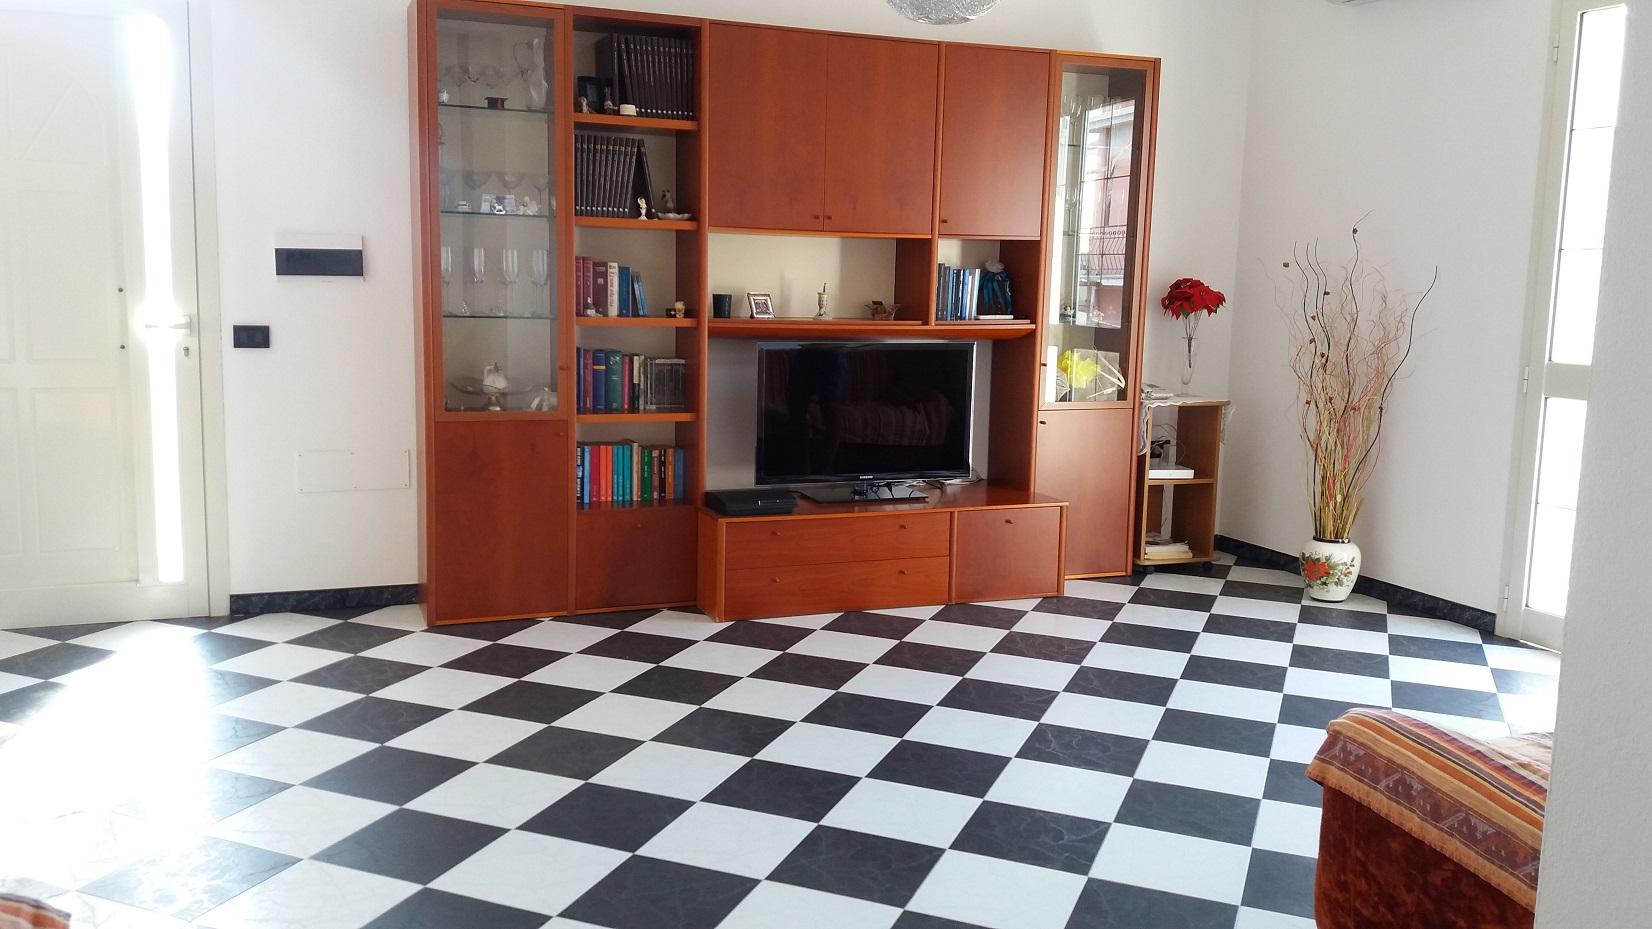 Agriturismo in vendita a Sinnai, 5 locali, prezzo € 135.000 | Cambio Casa.it